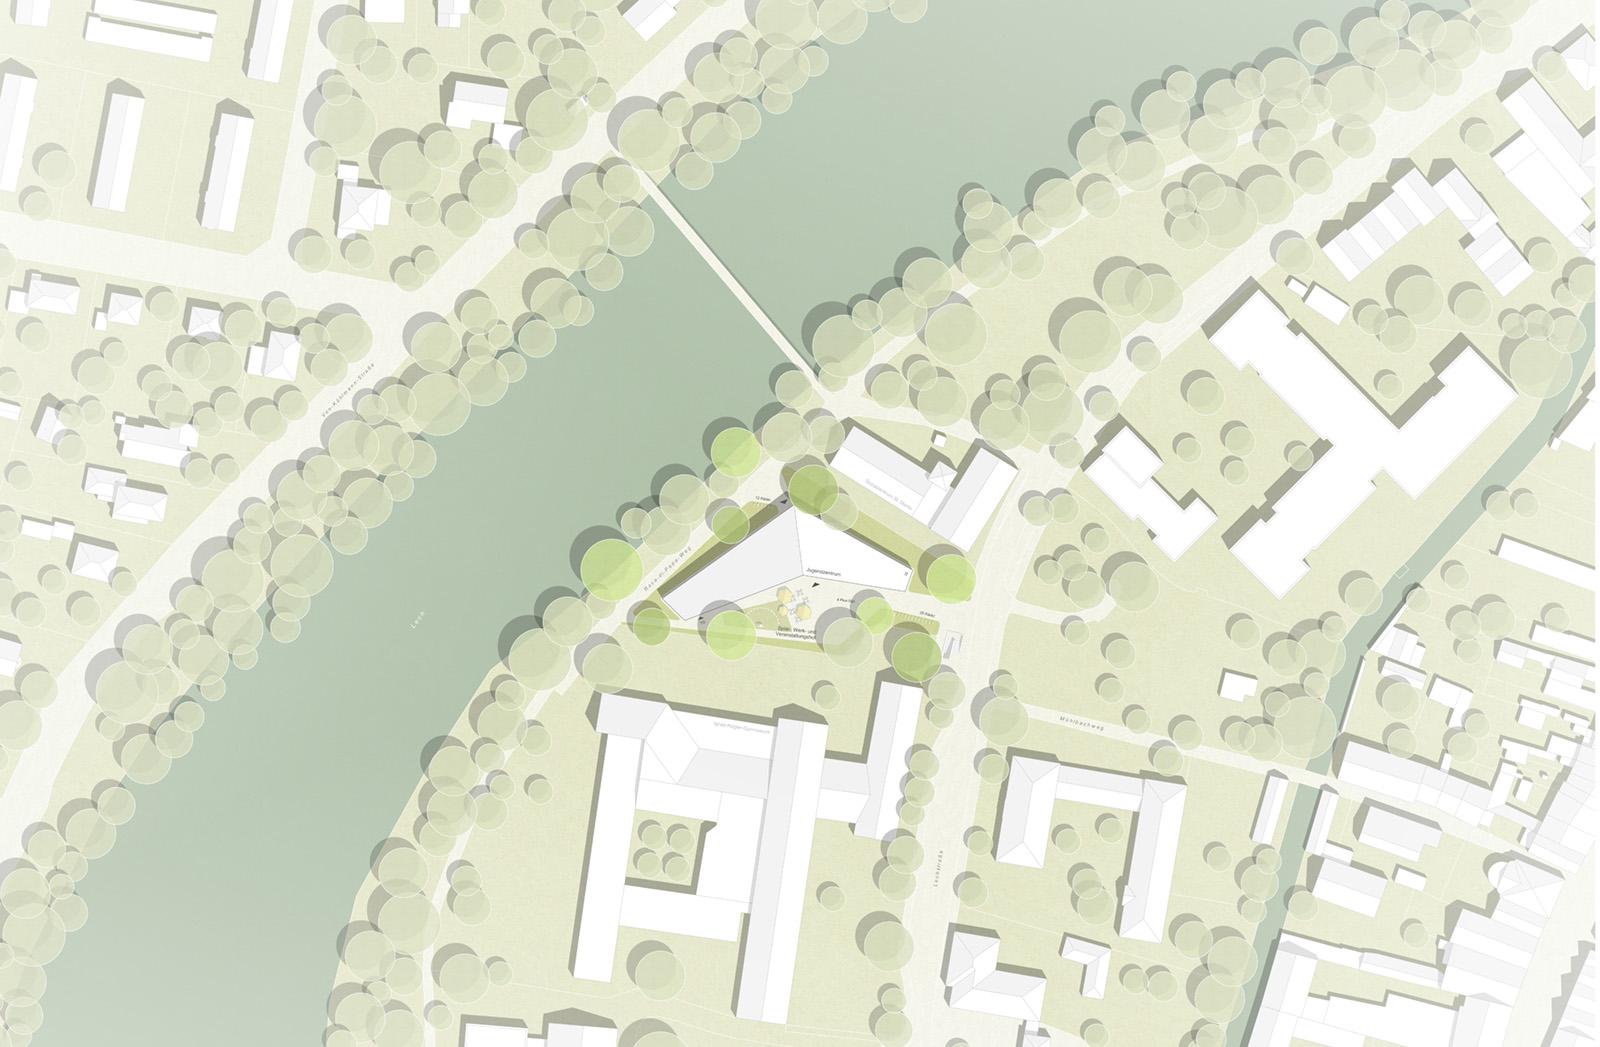 Friedrich-Poerschke-Zwink_-Silands_Realisierungswettbewerb-Jugendzentrum-Landsberg-am-Lech-1.Preis_Lageplan